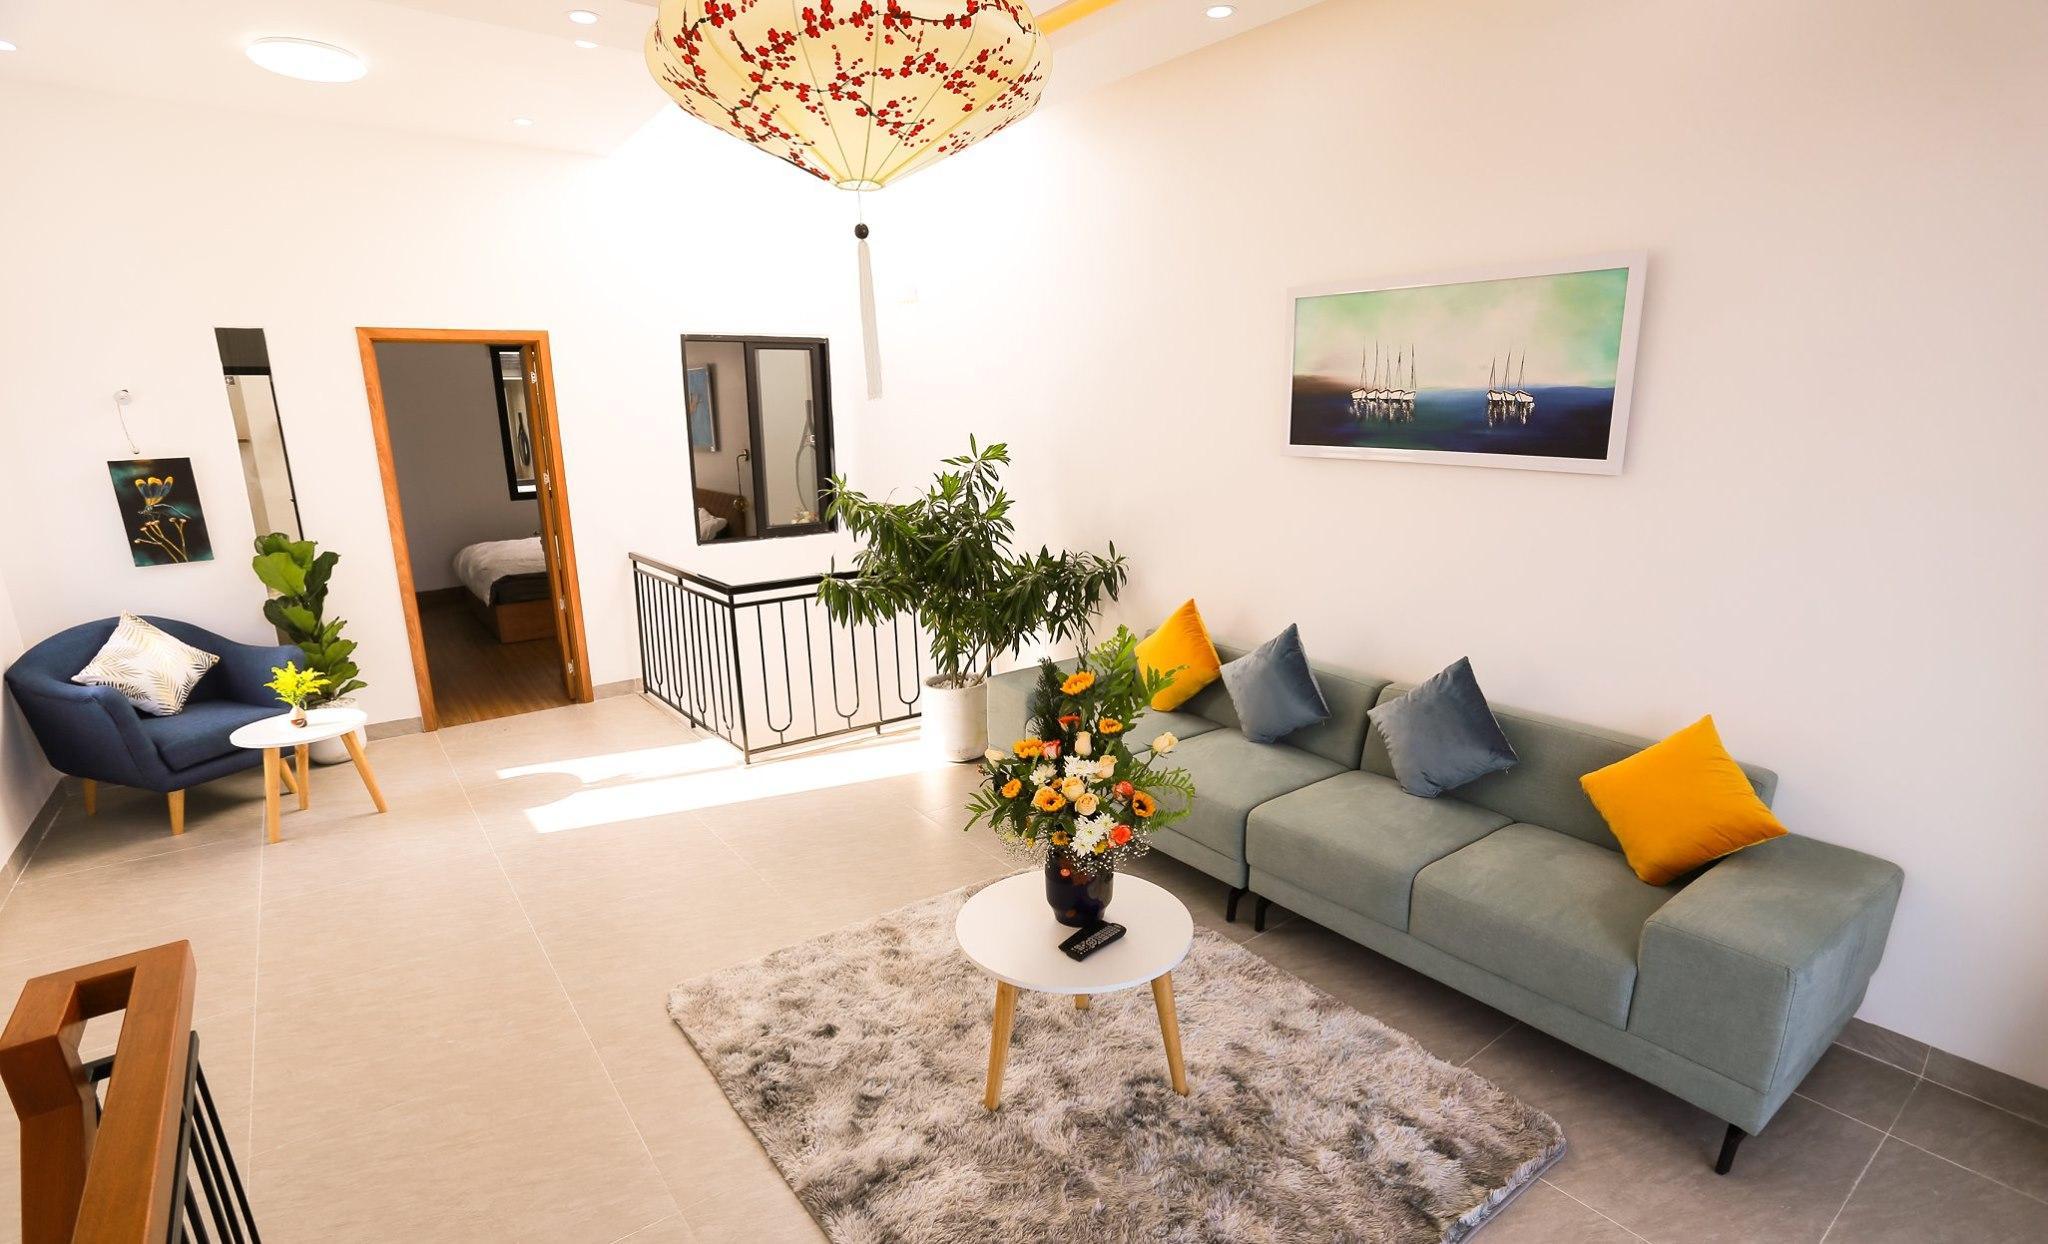 Beautiful 2 Bedrooms House For Rent Da Nang- 1 mins walking to beach